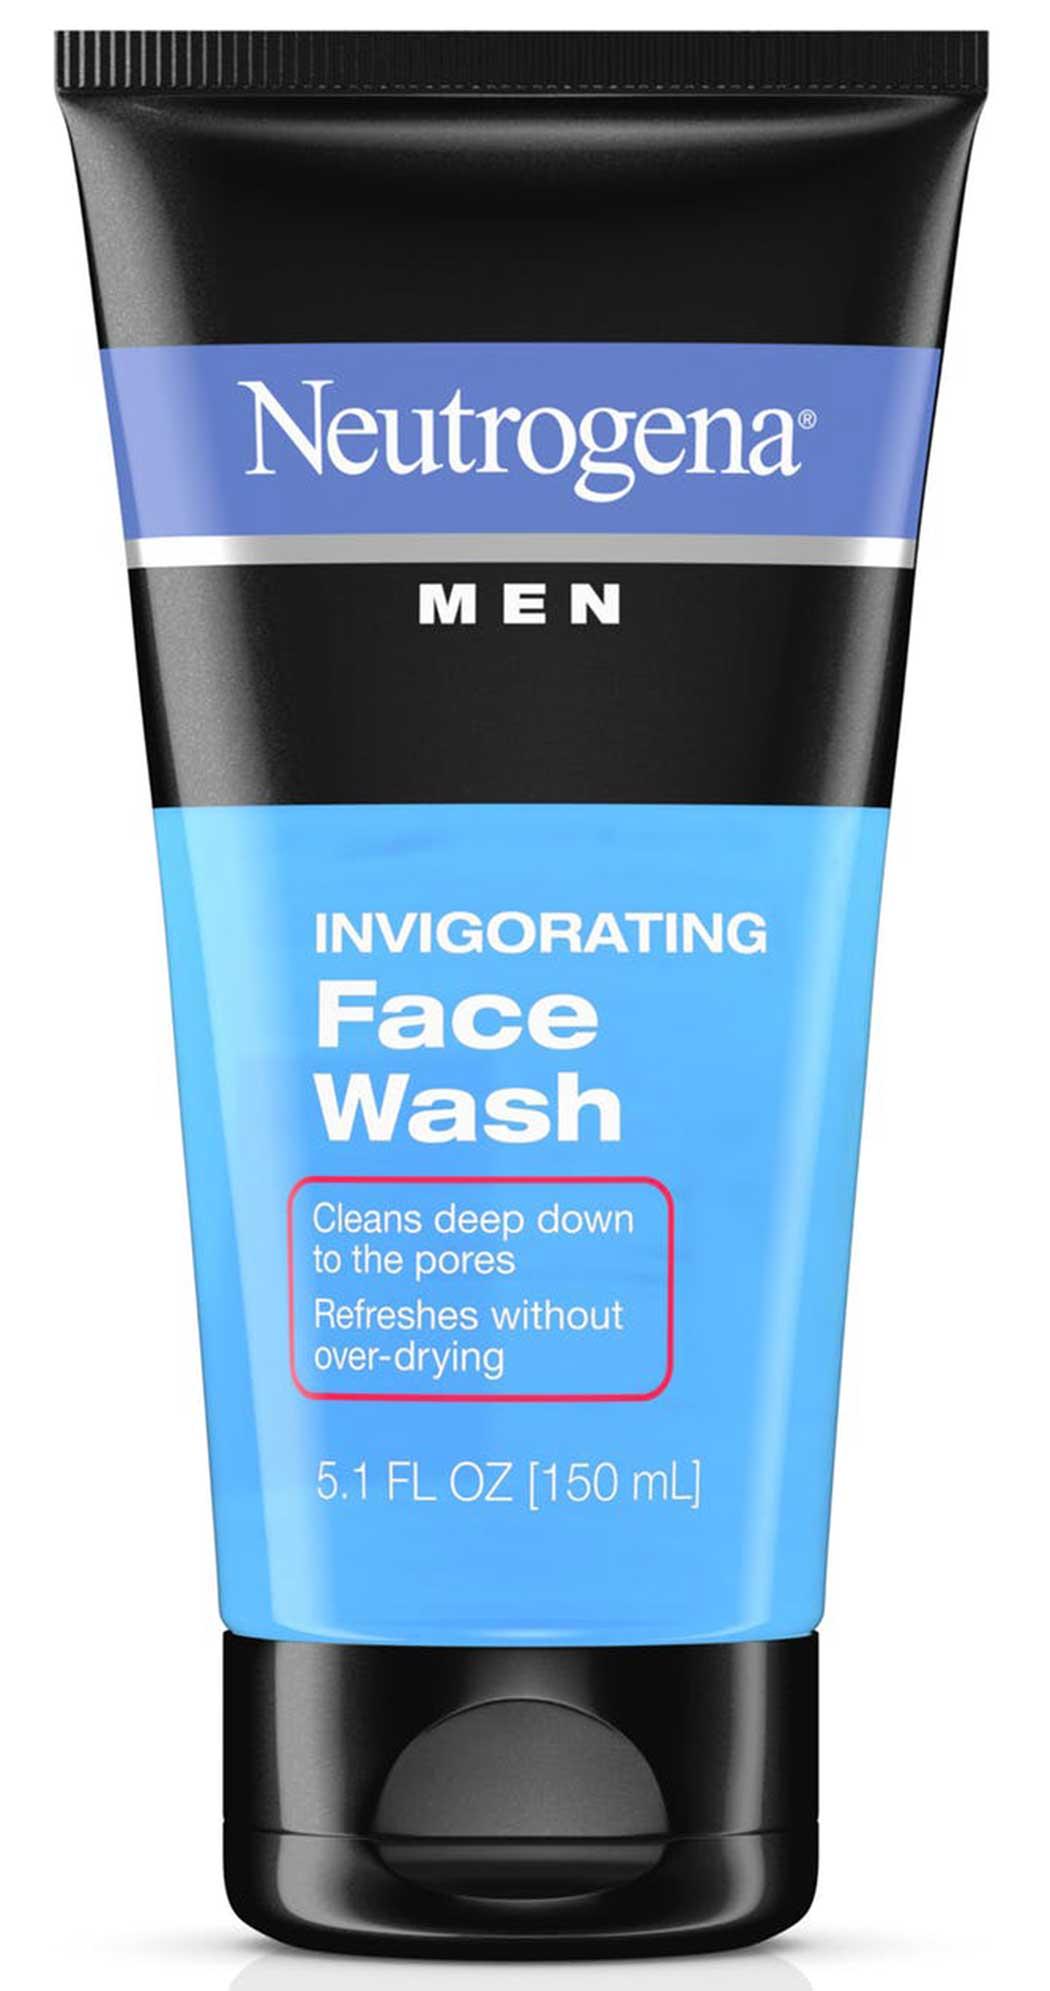 neutrogena men face wash